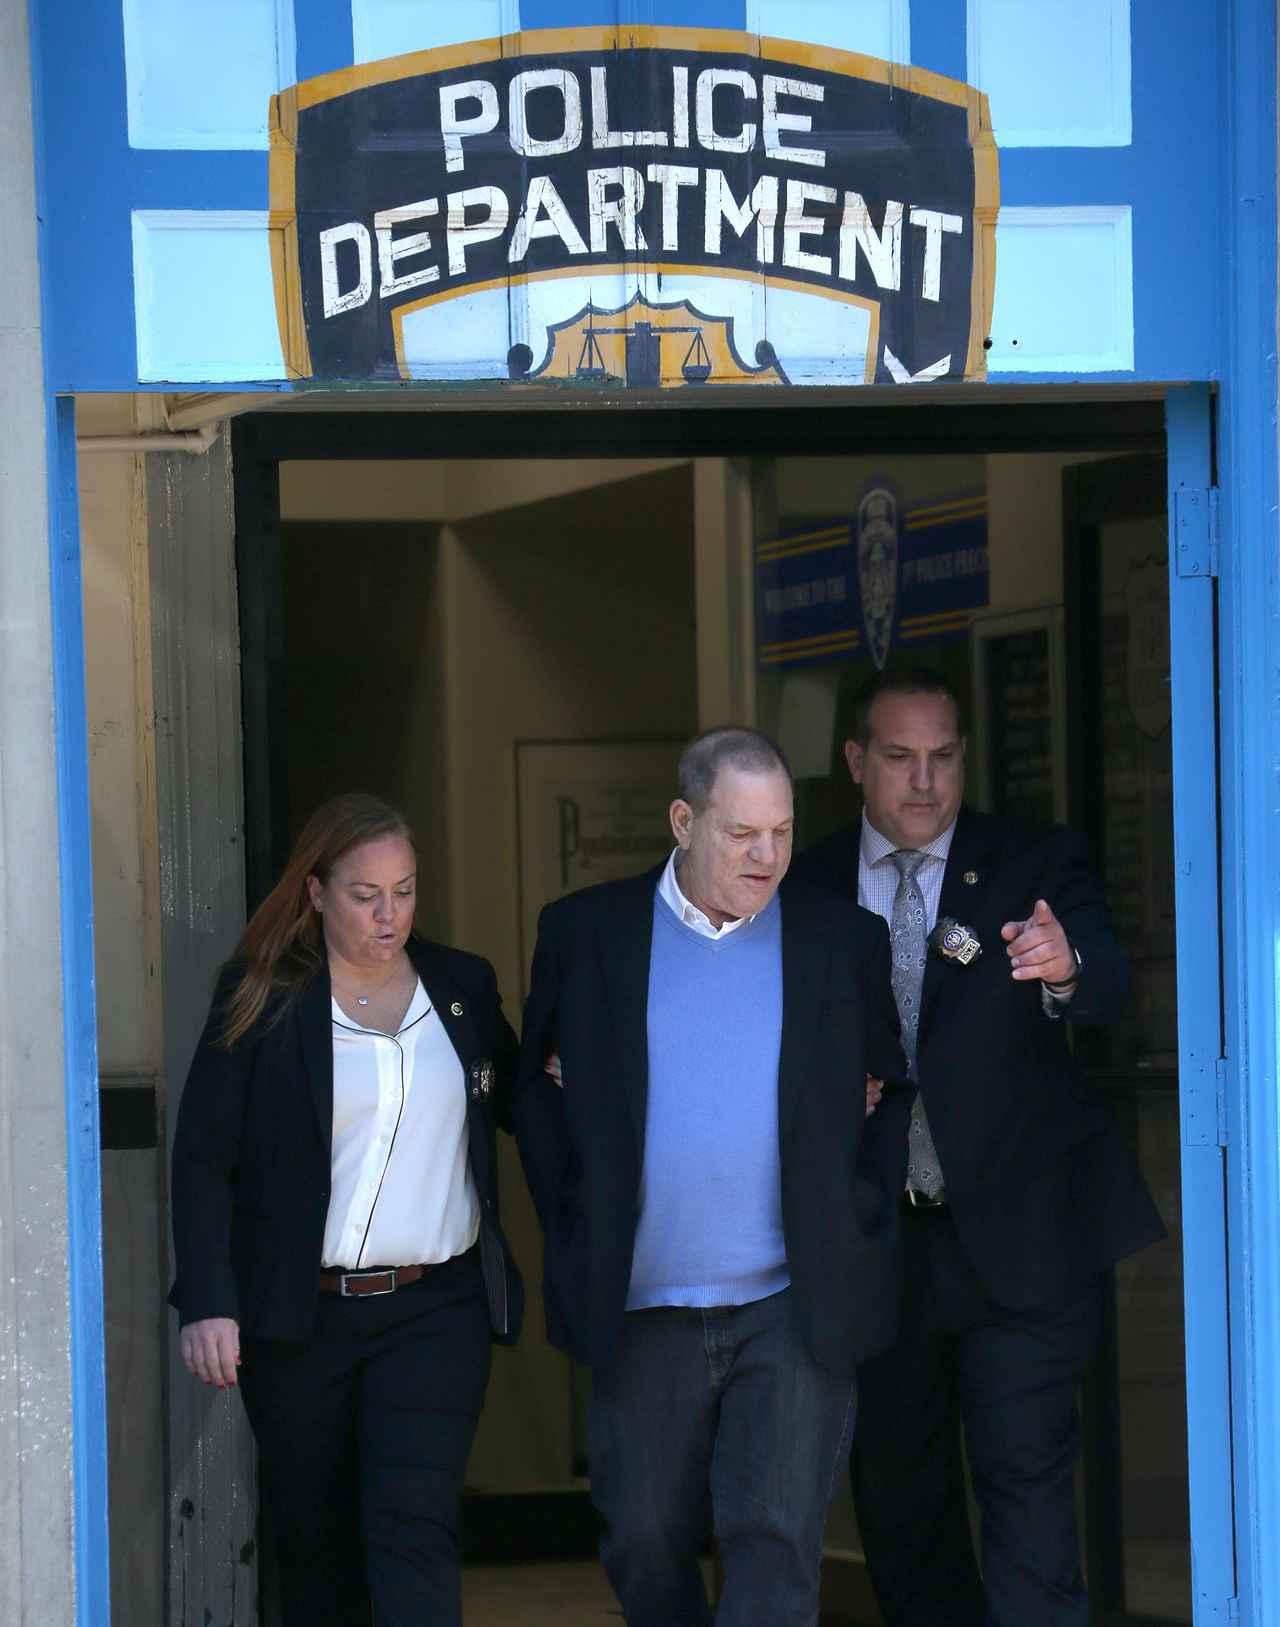 画像: セクハラ騒動の元凶ハーヴェイ・ワインスタインの逮捕にセレブたちが反応